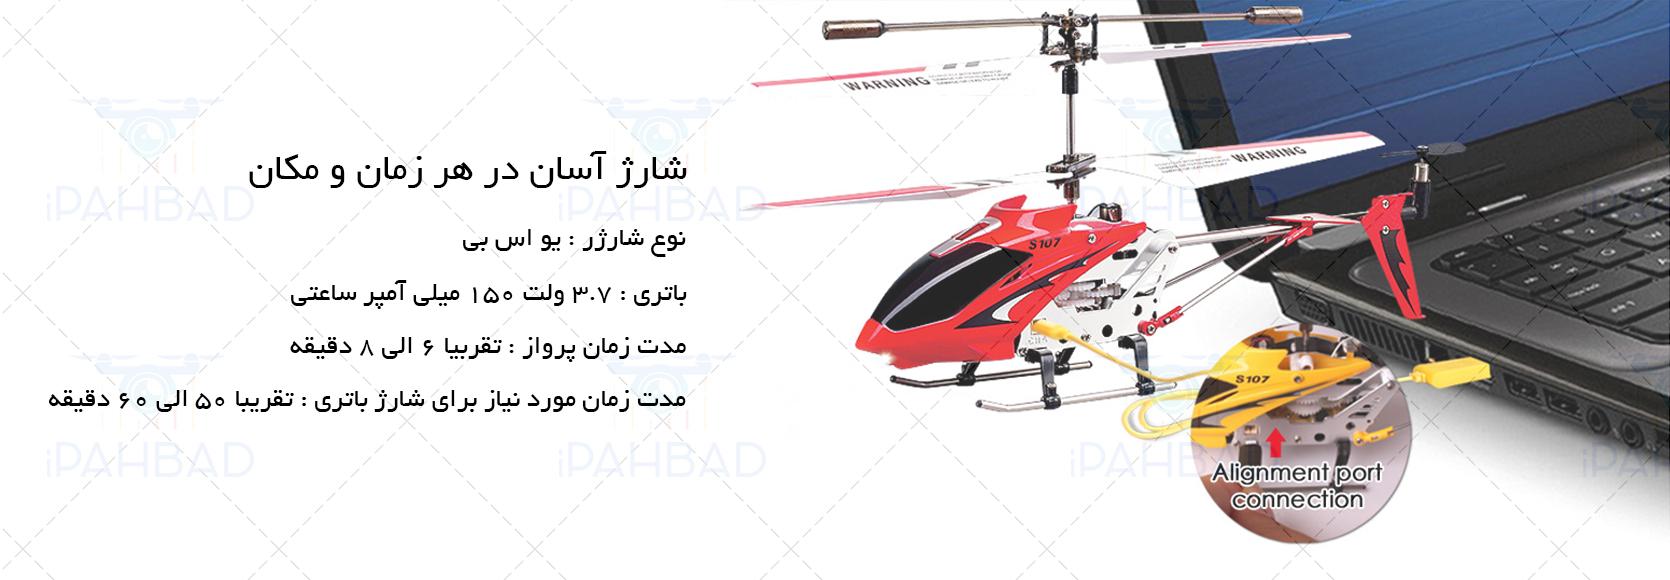 قیمت خرید هلیکوپتر کنترلی سایما Syma S107G از فروشگاه اینترنتی آی پهباد ، خرید هلیکوپتر کنترلی سیما مدل S107G ، قیمت هلیکوپتر کنترلی سایما اس 107 جی ، هلیکوپتر کنترلی سیما اس 107 جی